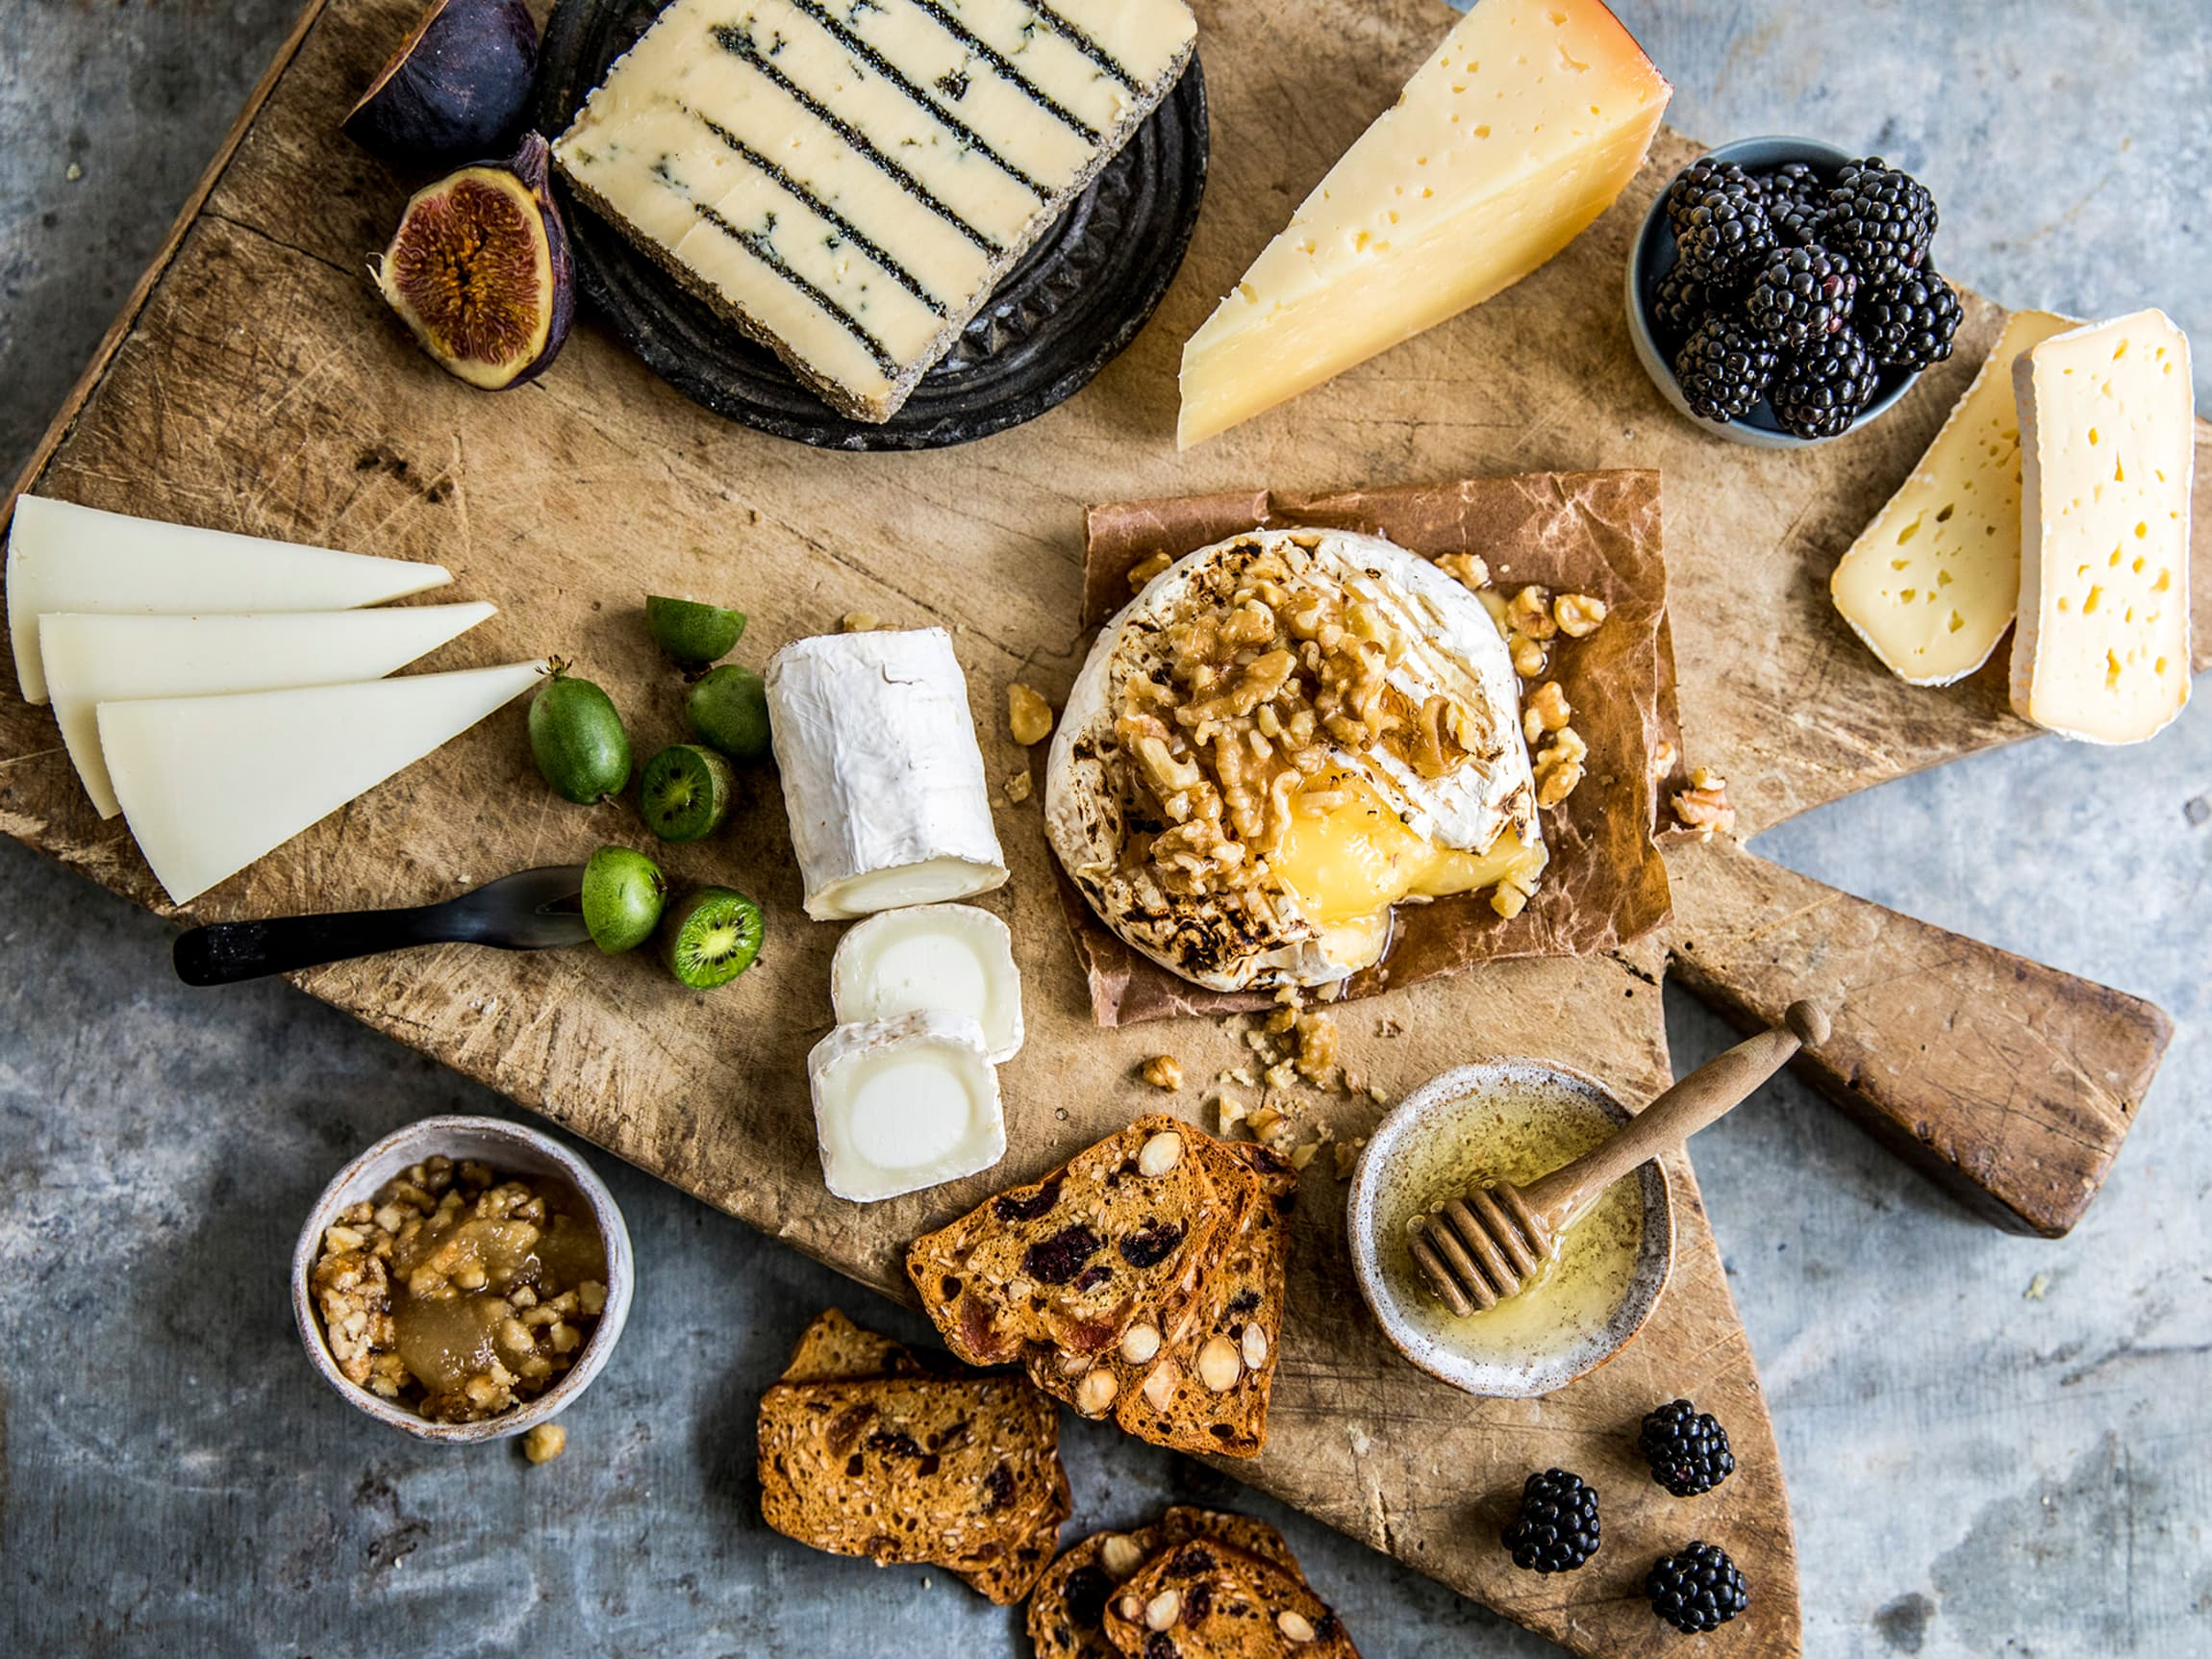 Slik vi serverer ost i 2018